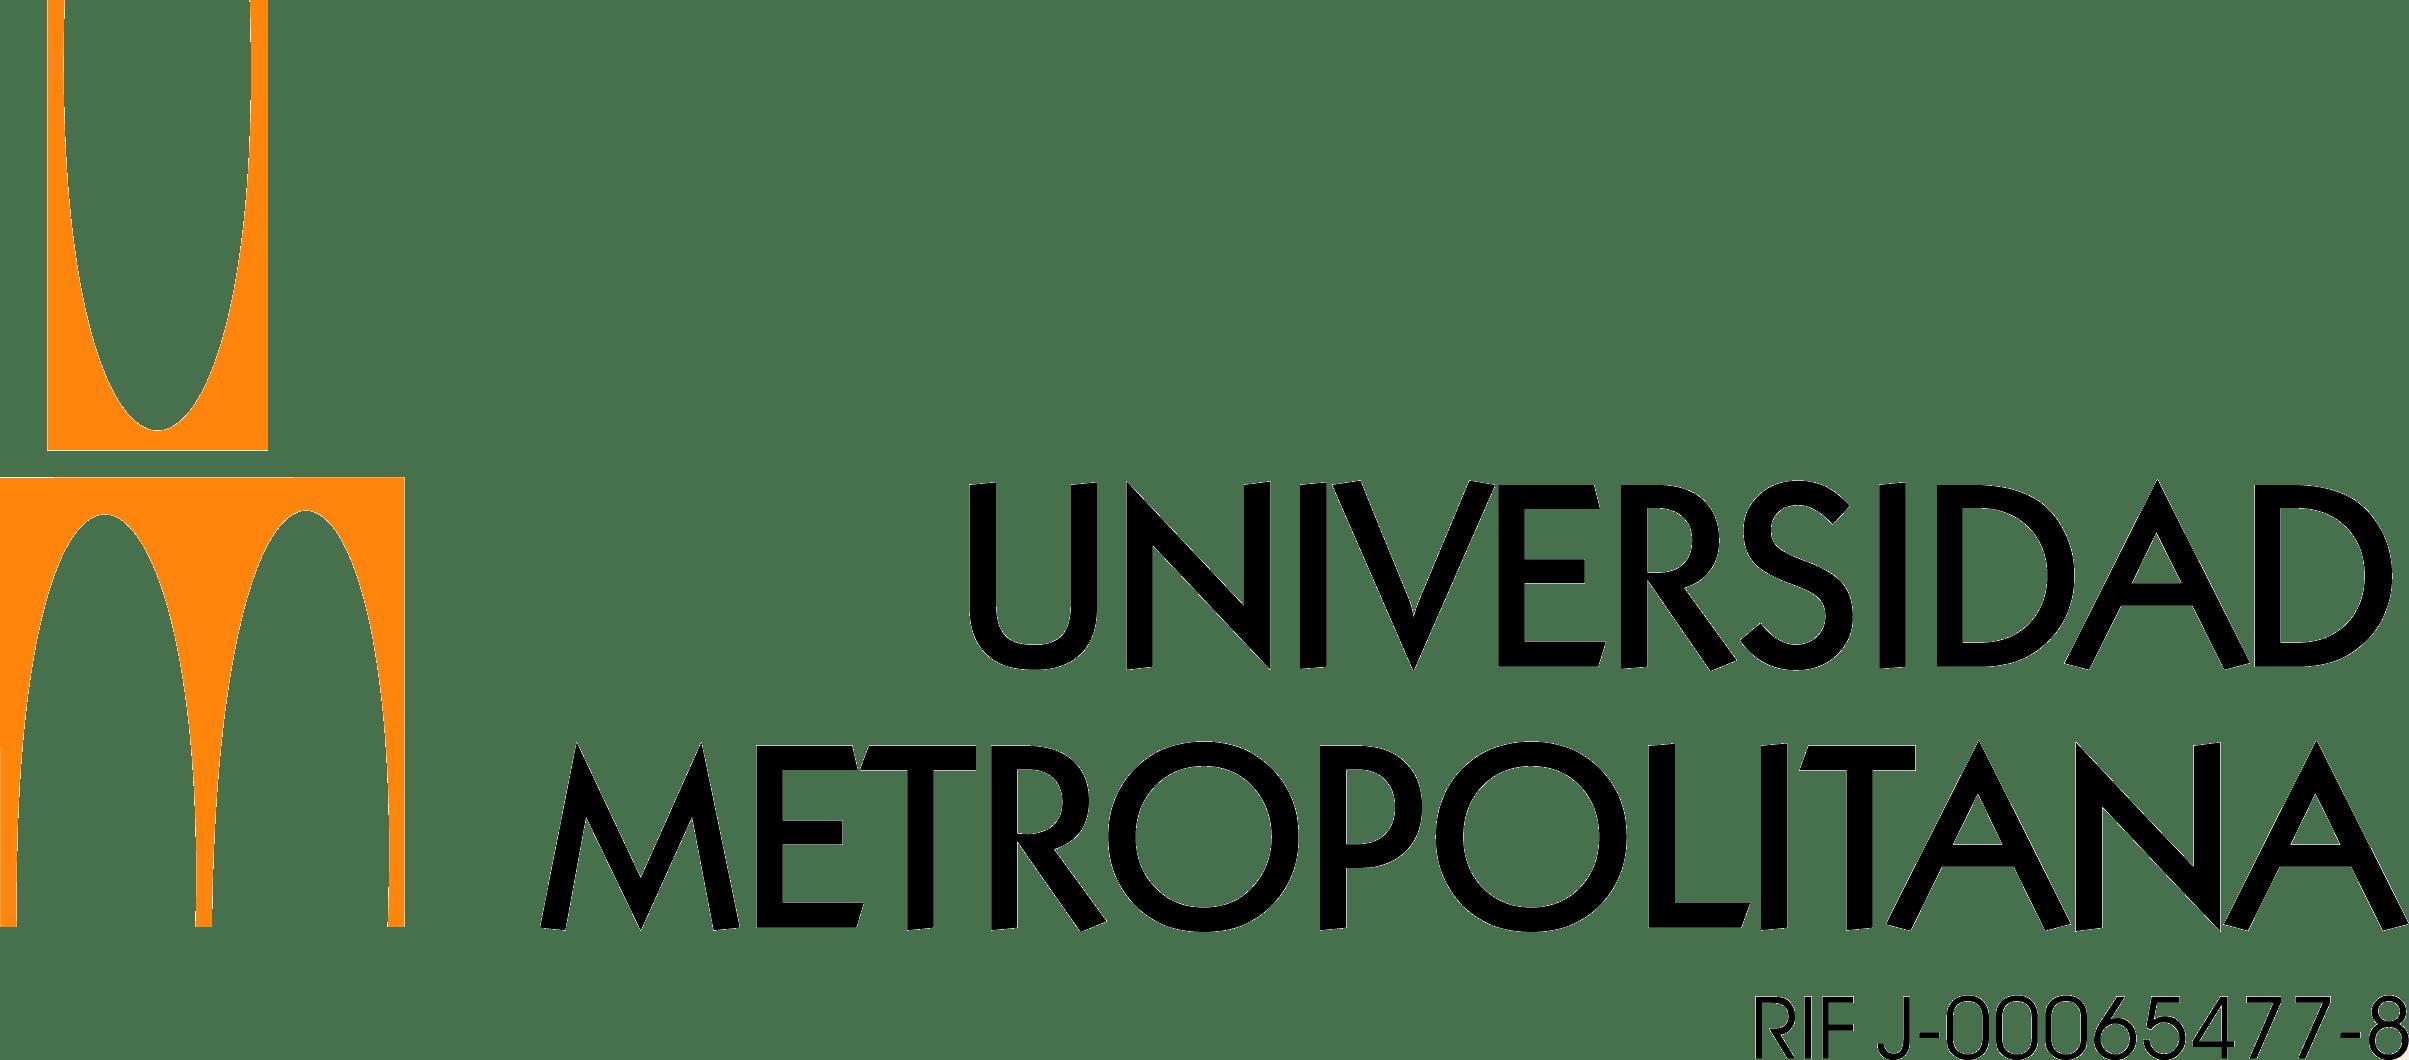 http://www.unimet.edu.ve/